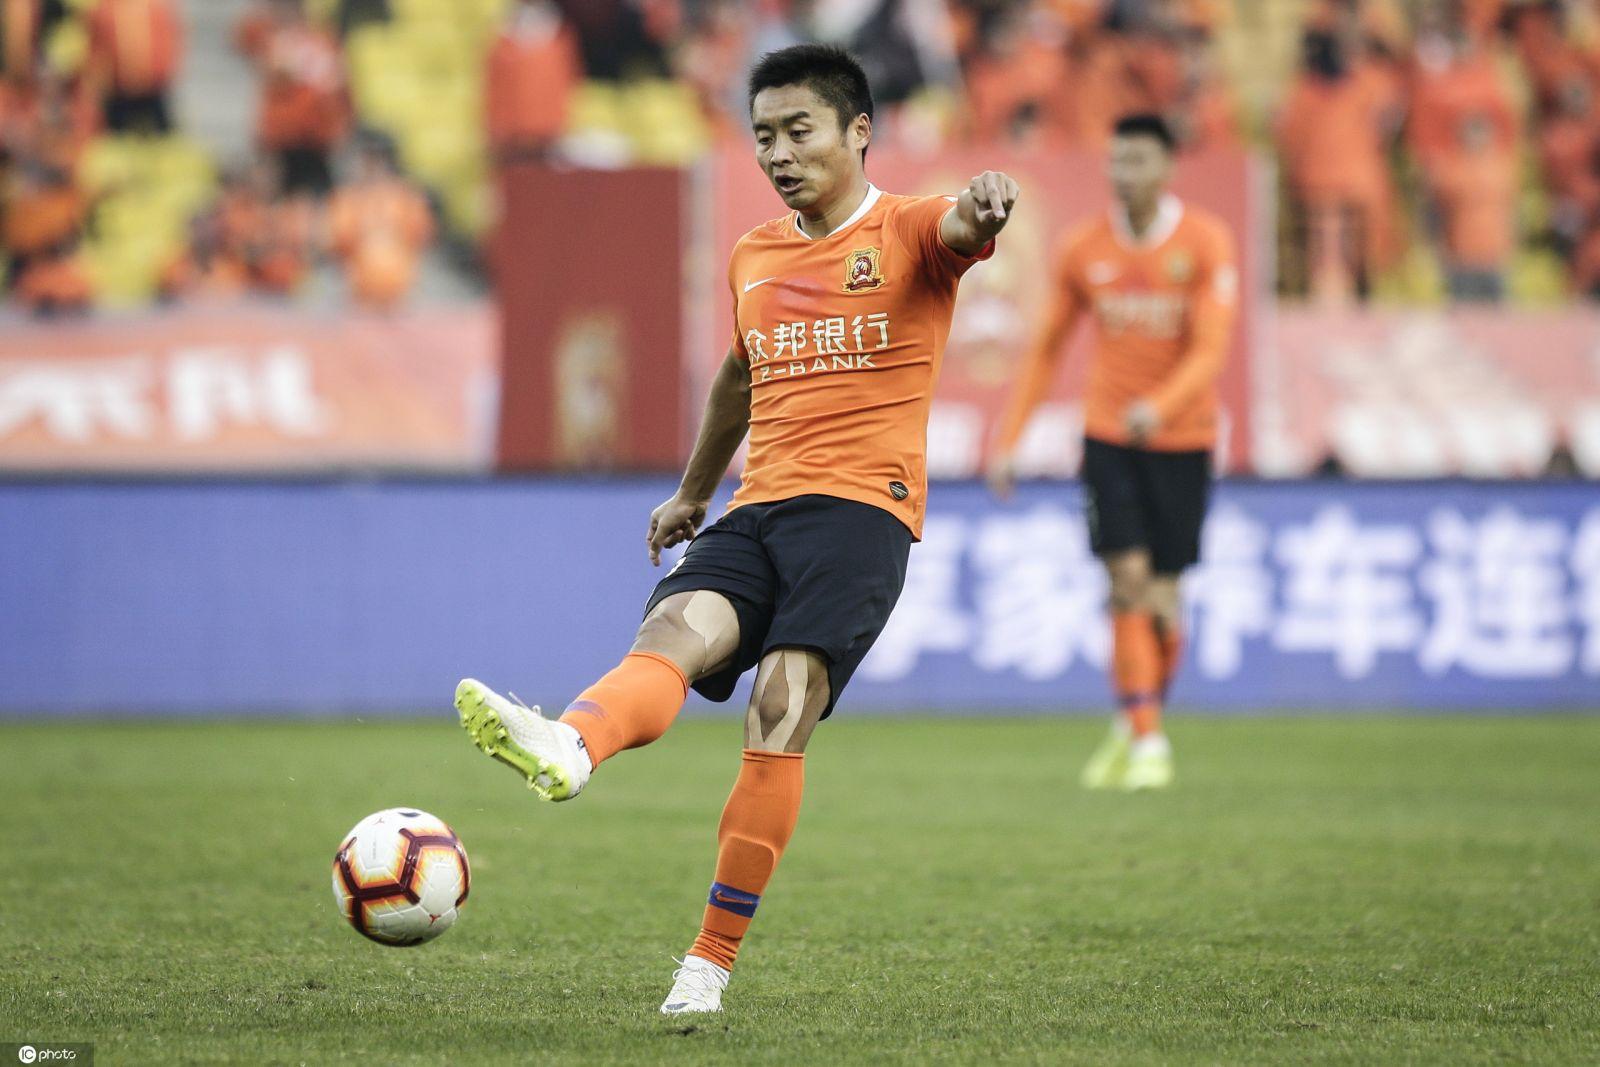 武汉卓尔新赛季球衣曝光:橙衣深橙色衣领,回归本真